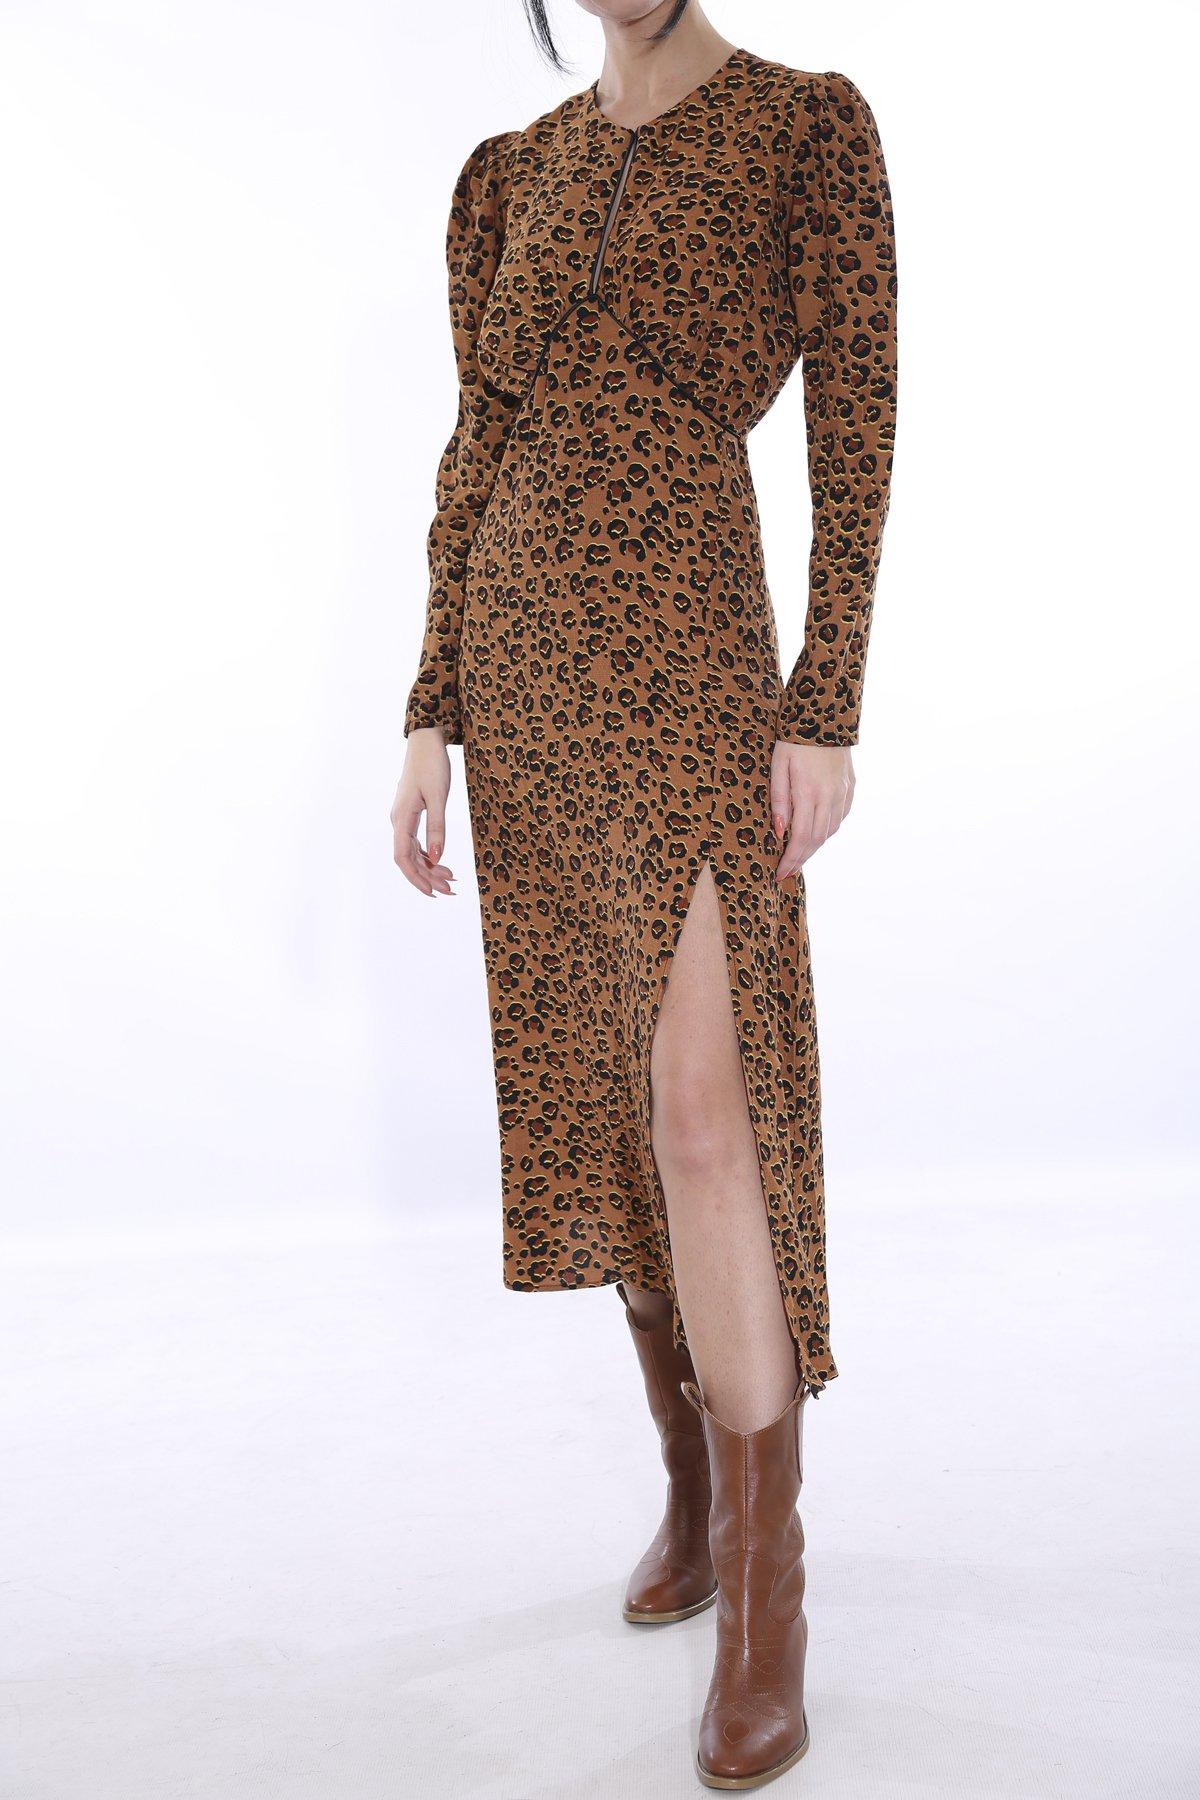 Kuşaklı Leopar Desenli Elbise Brl